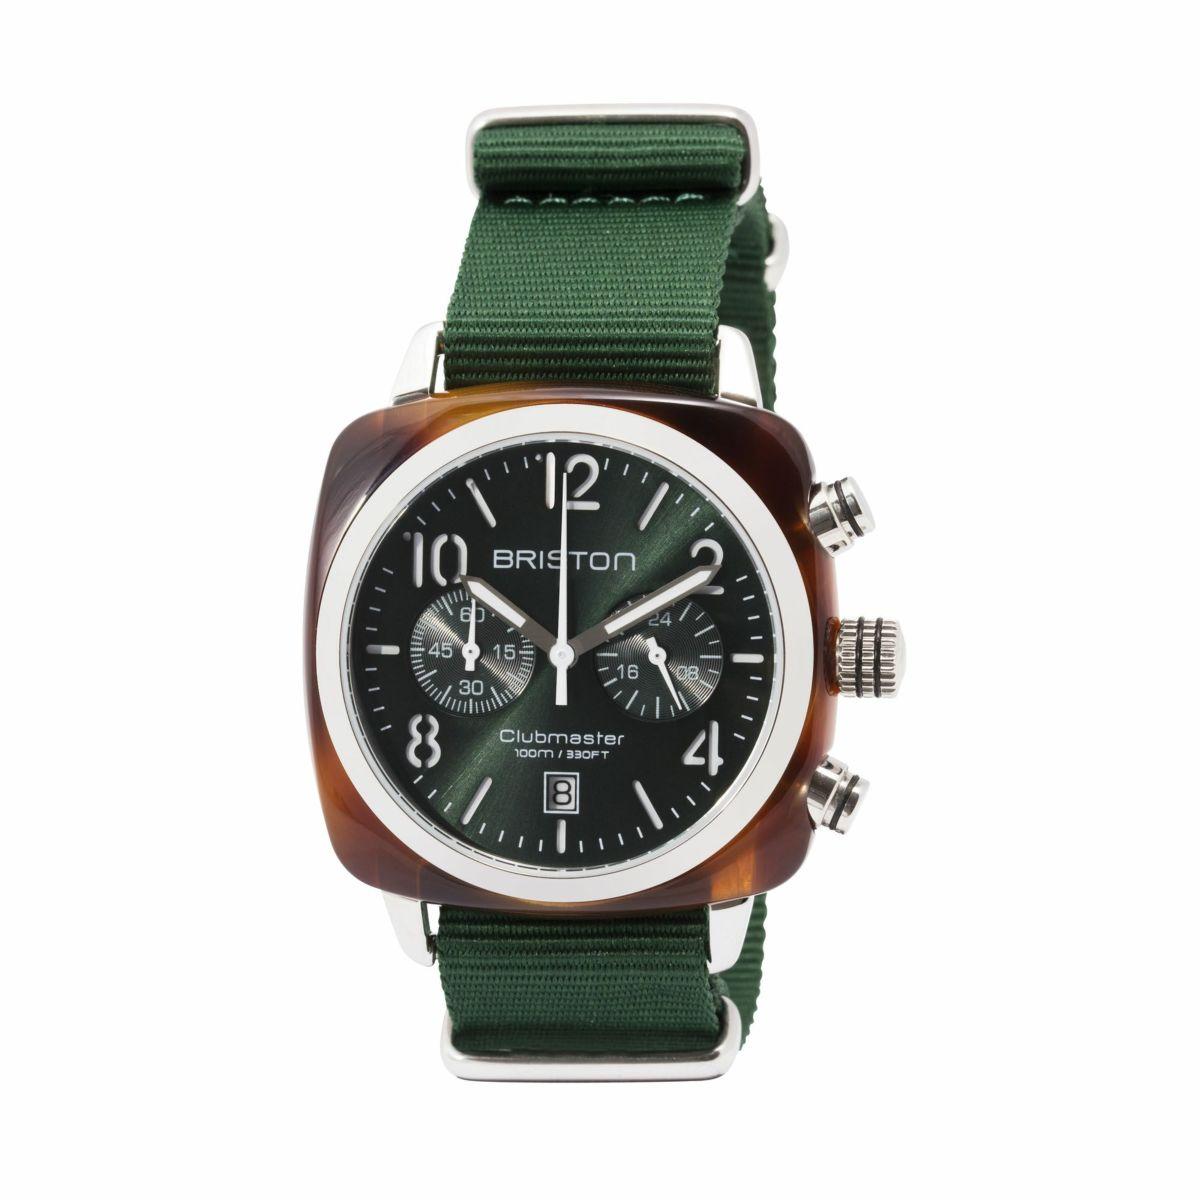 BRISTON ブリストン - クラブマスター クロノトータスシェル ブリティッシュグリーンサンレイダイヤル 腕時計